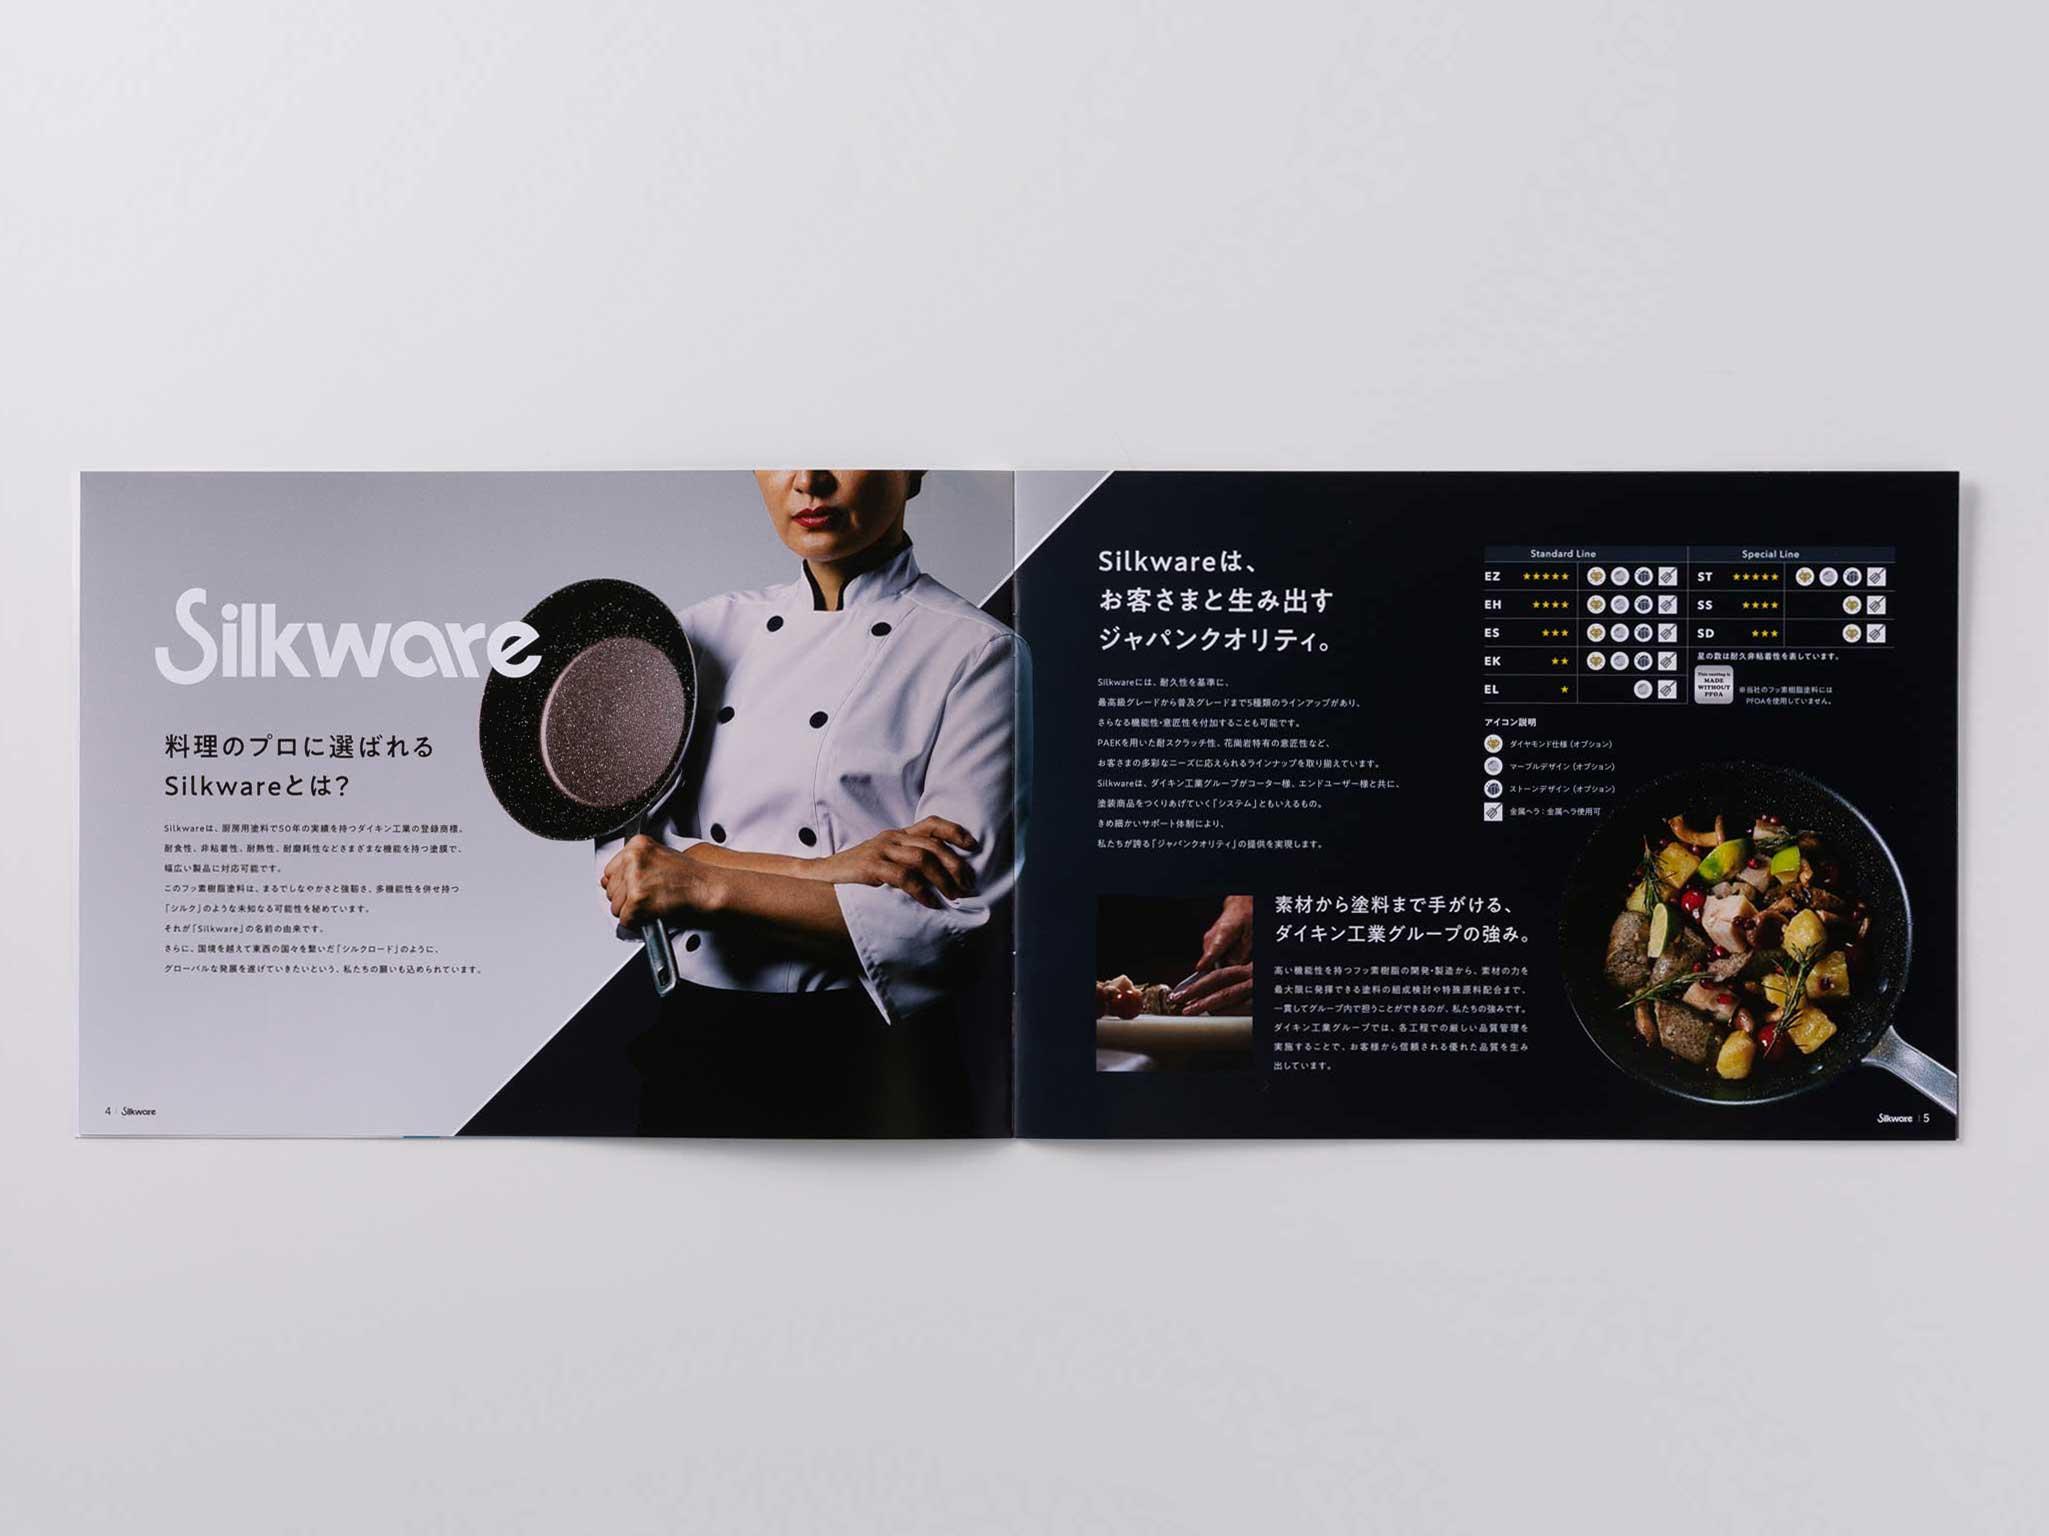 ダイキン工業 名古屋 ブランディング デザイン DAIKIN Silkware